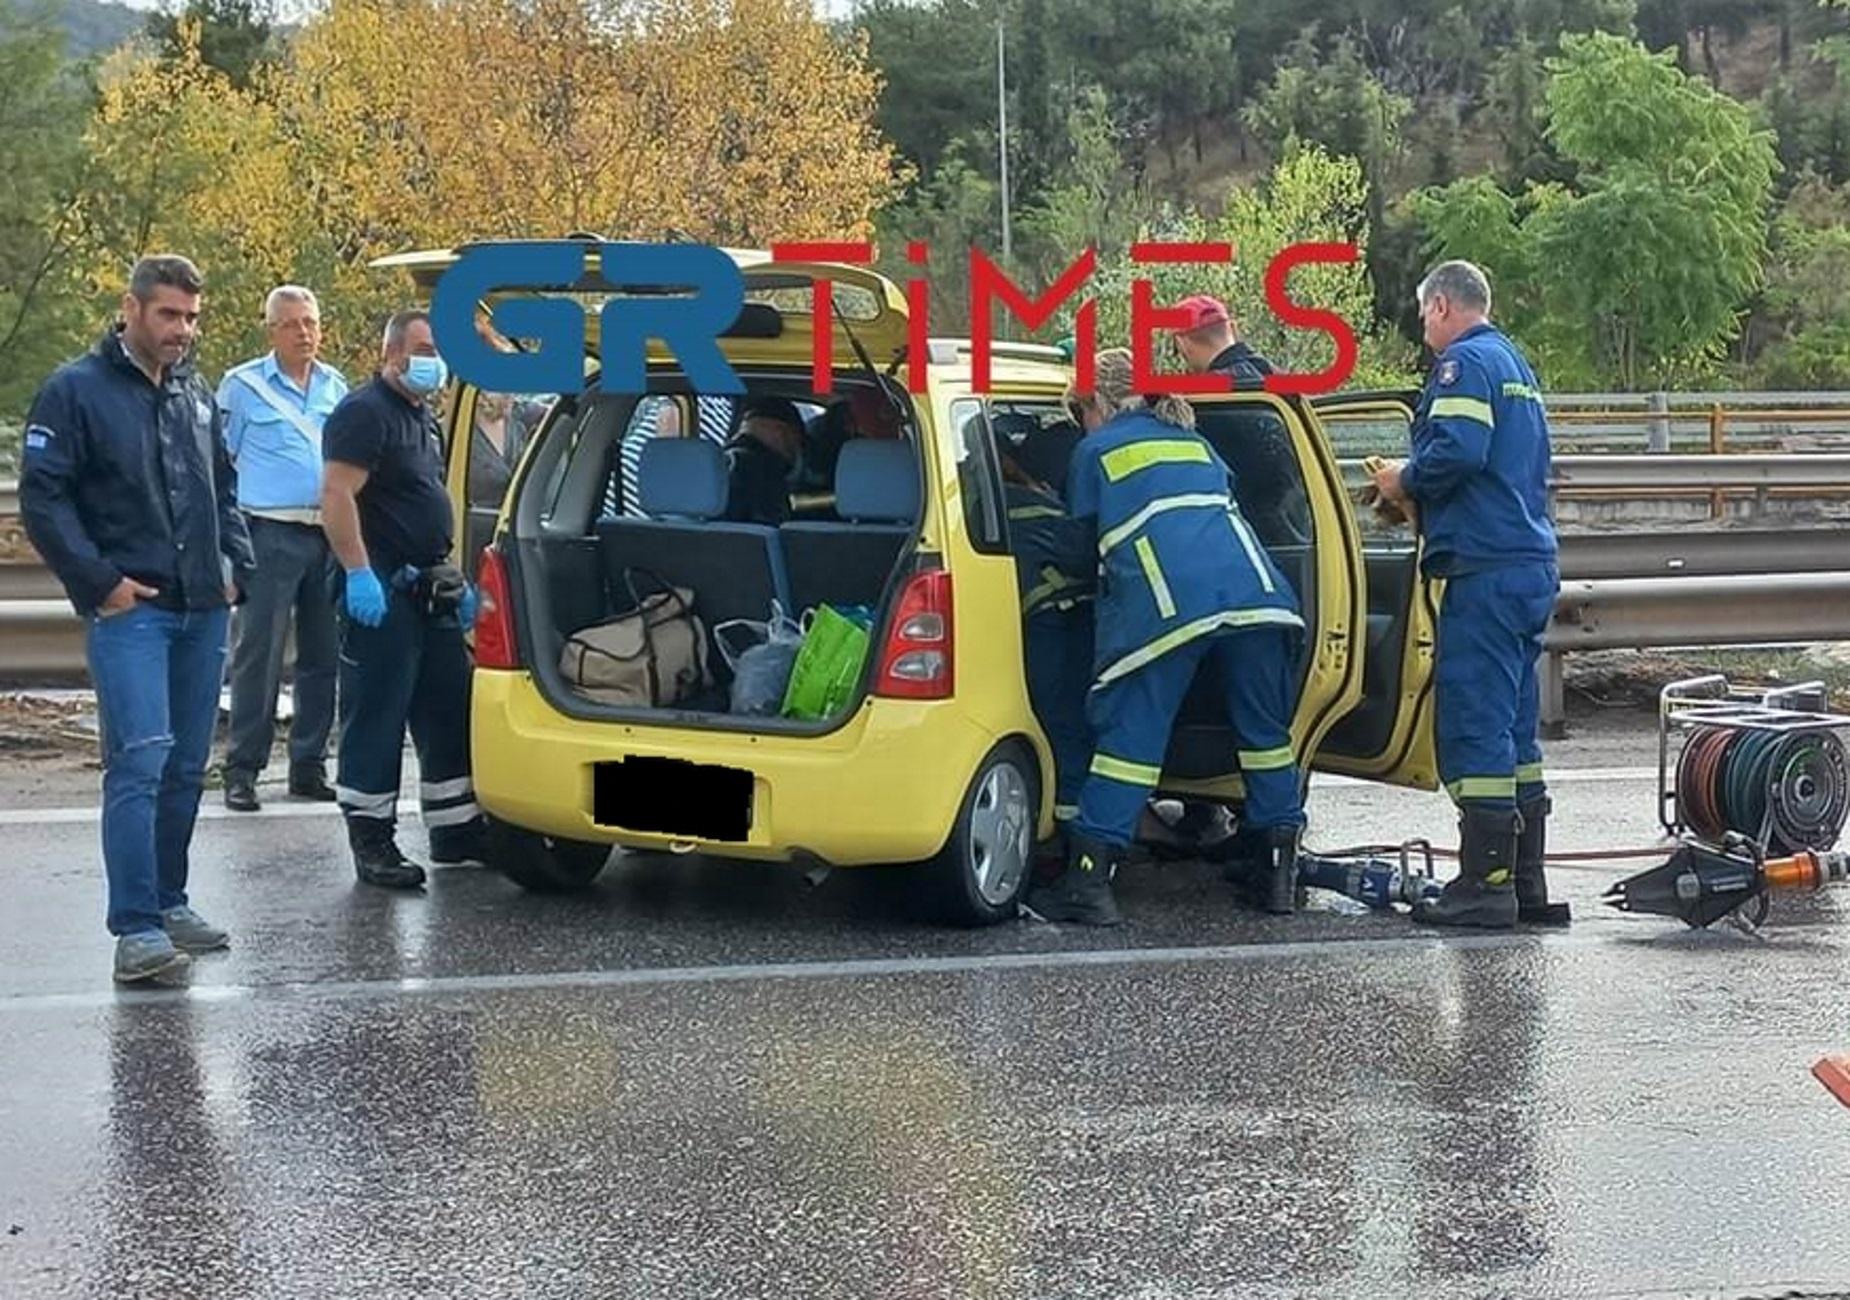 Θεσσαλονίκη: Η κακοκαιρία έφερε 7 τροχαία με 4 τραυματίες και εμπλοκή 10 αυτοκινήτων – Δείτε το βίντεο